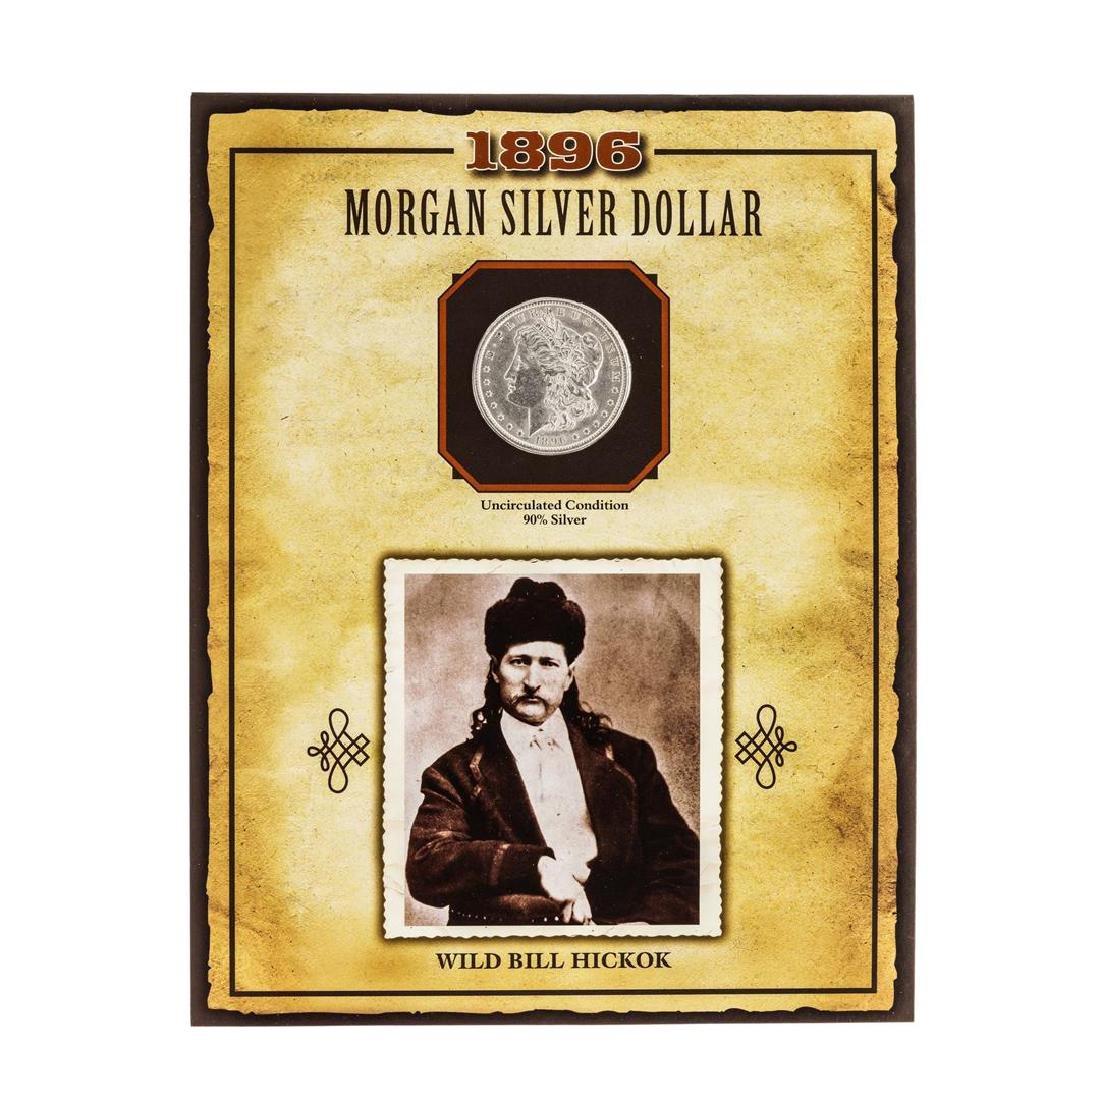 1896 $1 Morgan Silver Dollar Coin with Wild Bill Hickok